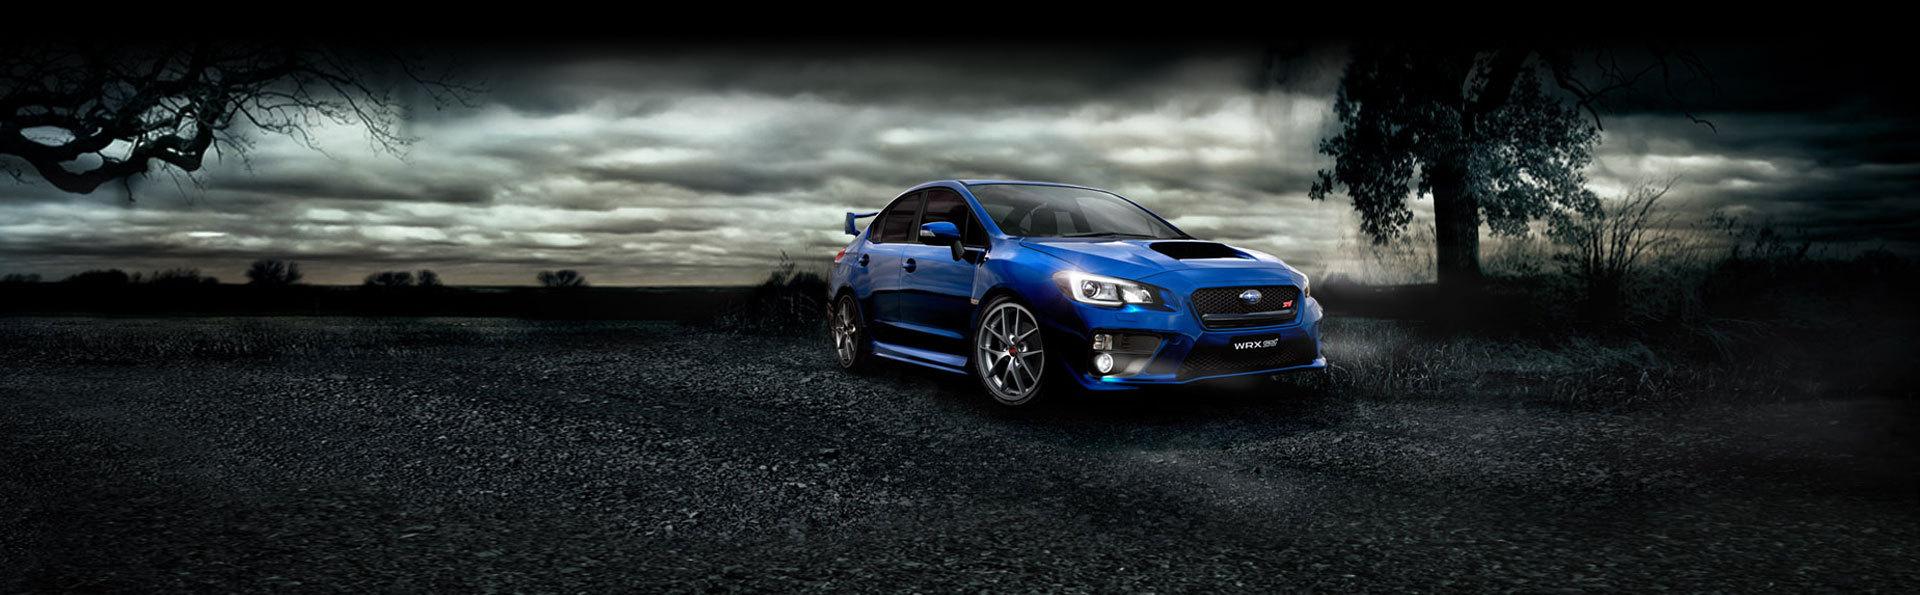 Subaru WRX | Performance Subaru